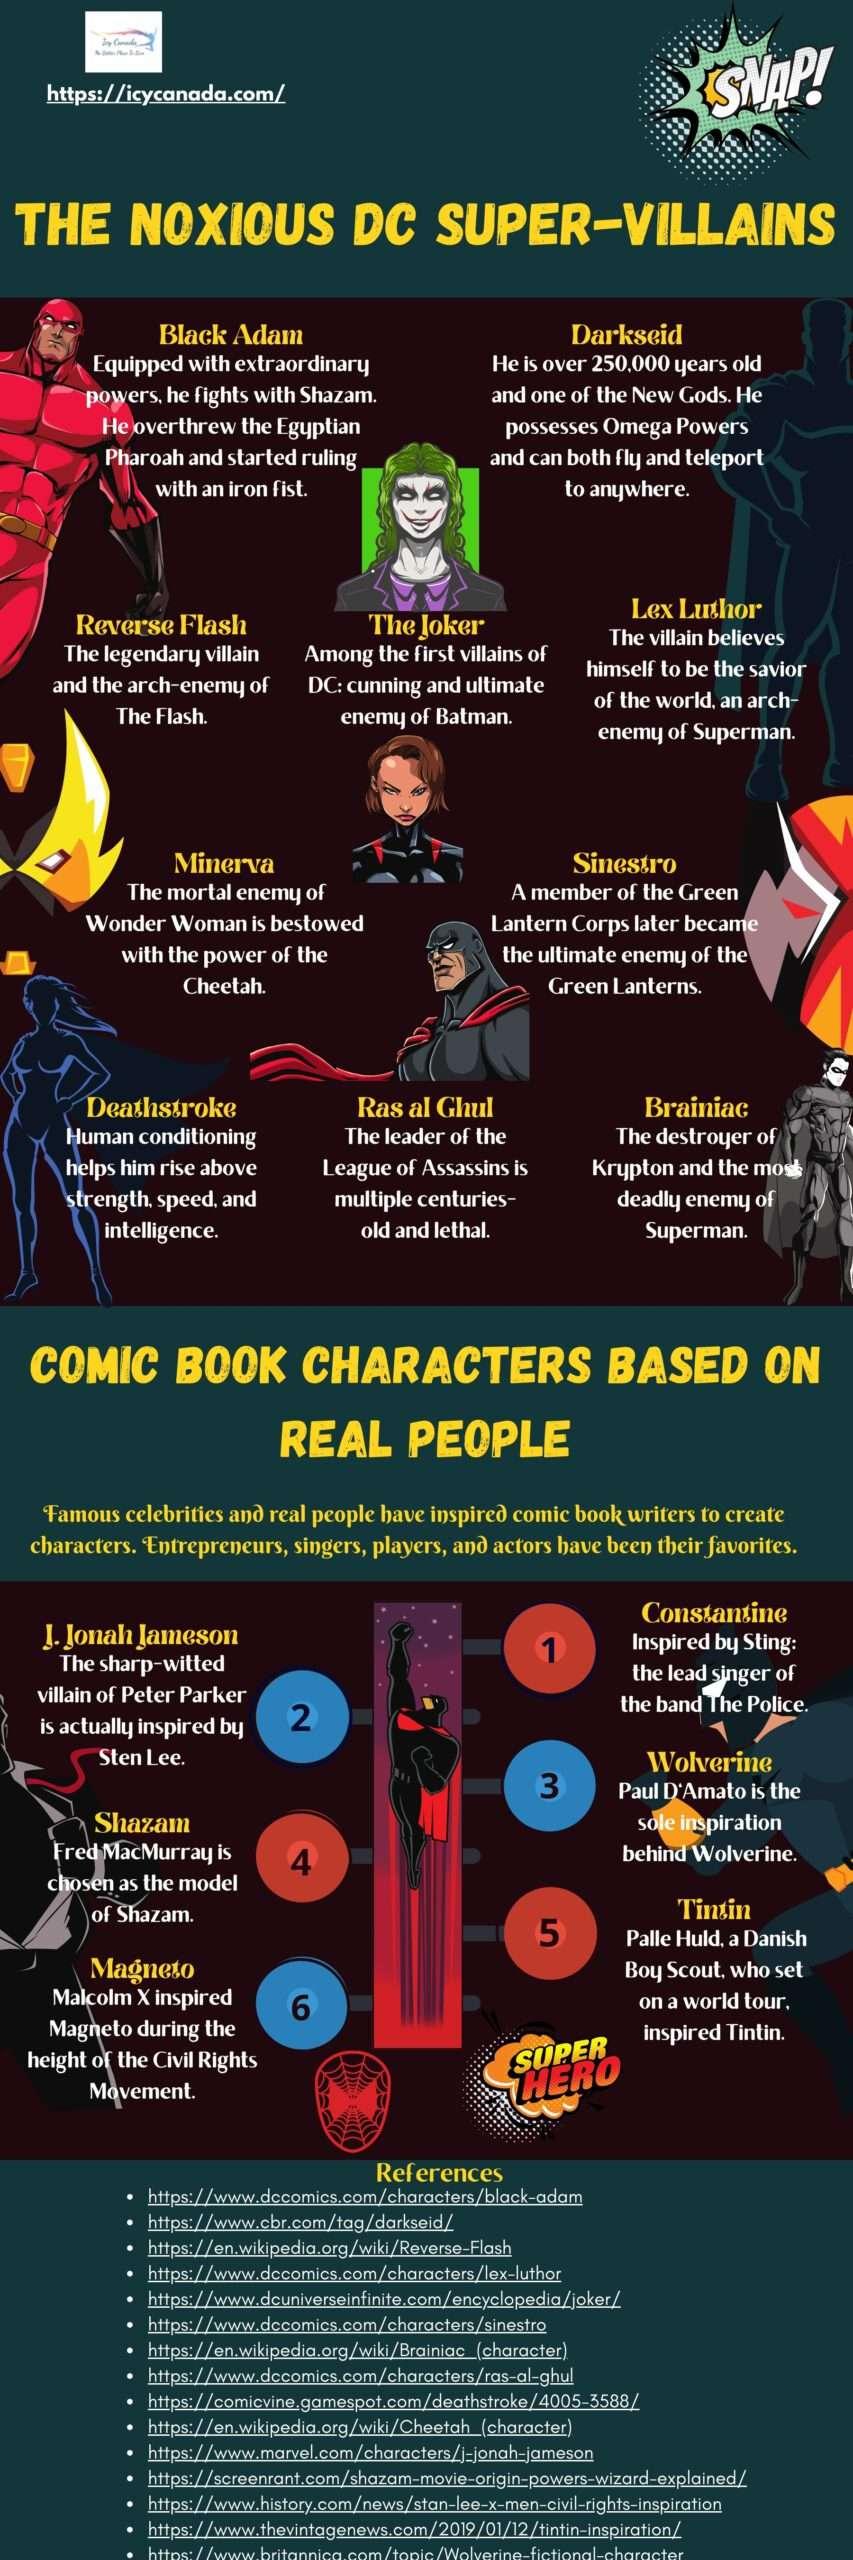 The Noxious DC Super-Villains